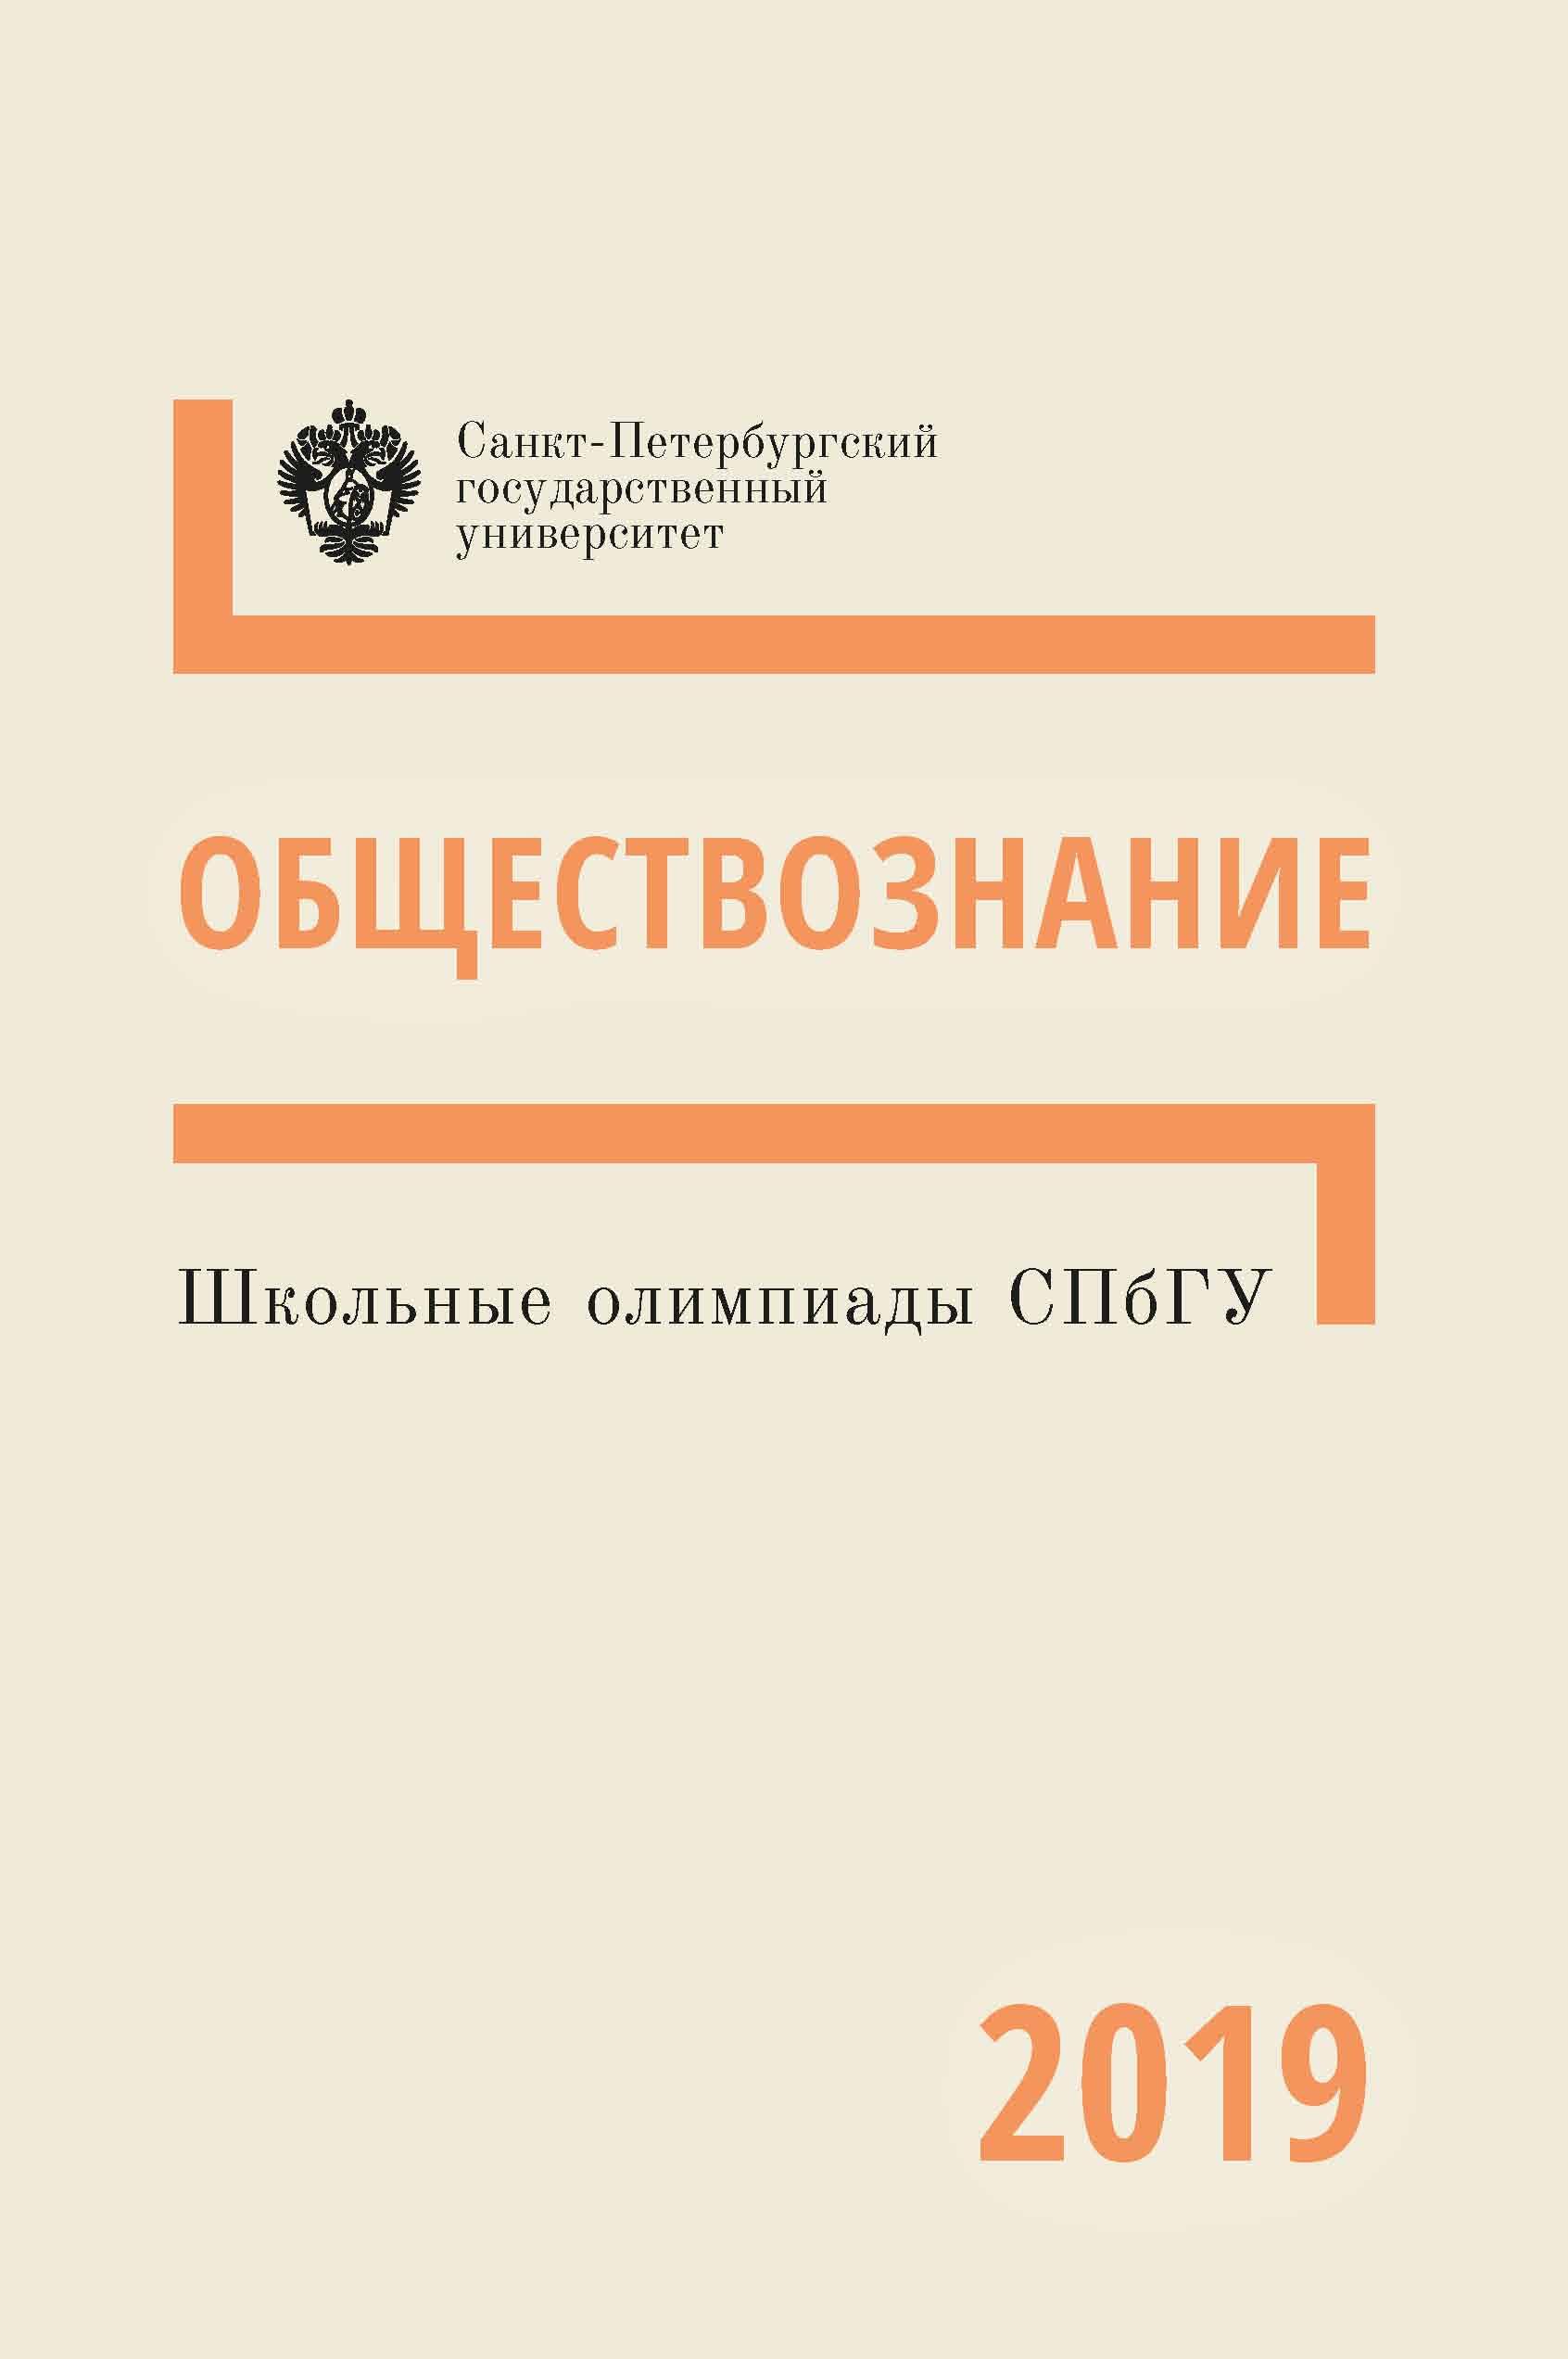 Школьные олимпиады СПбГУ 2019. Обществознание